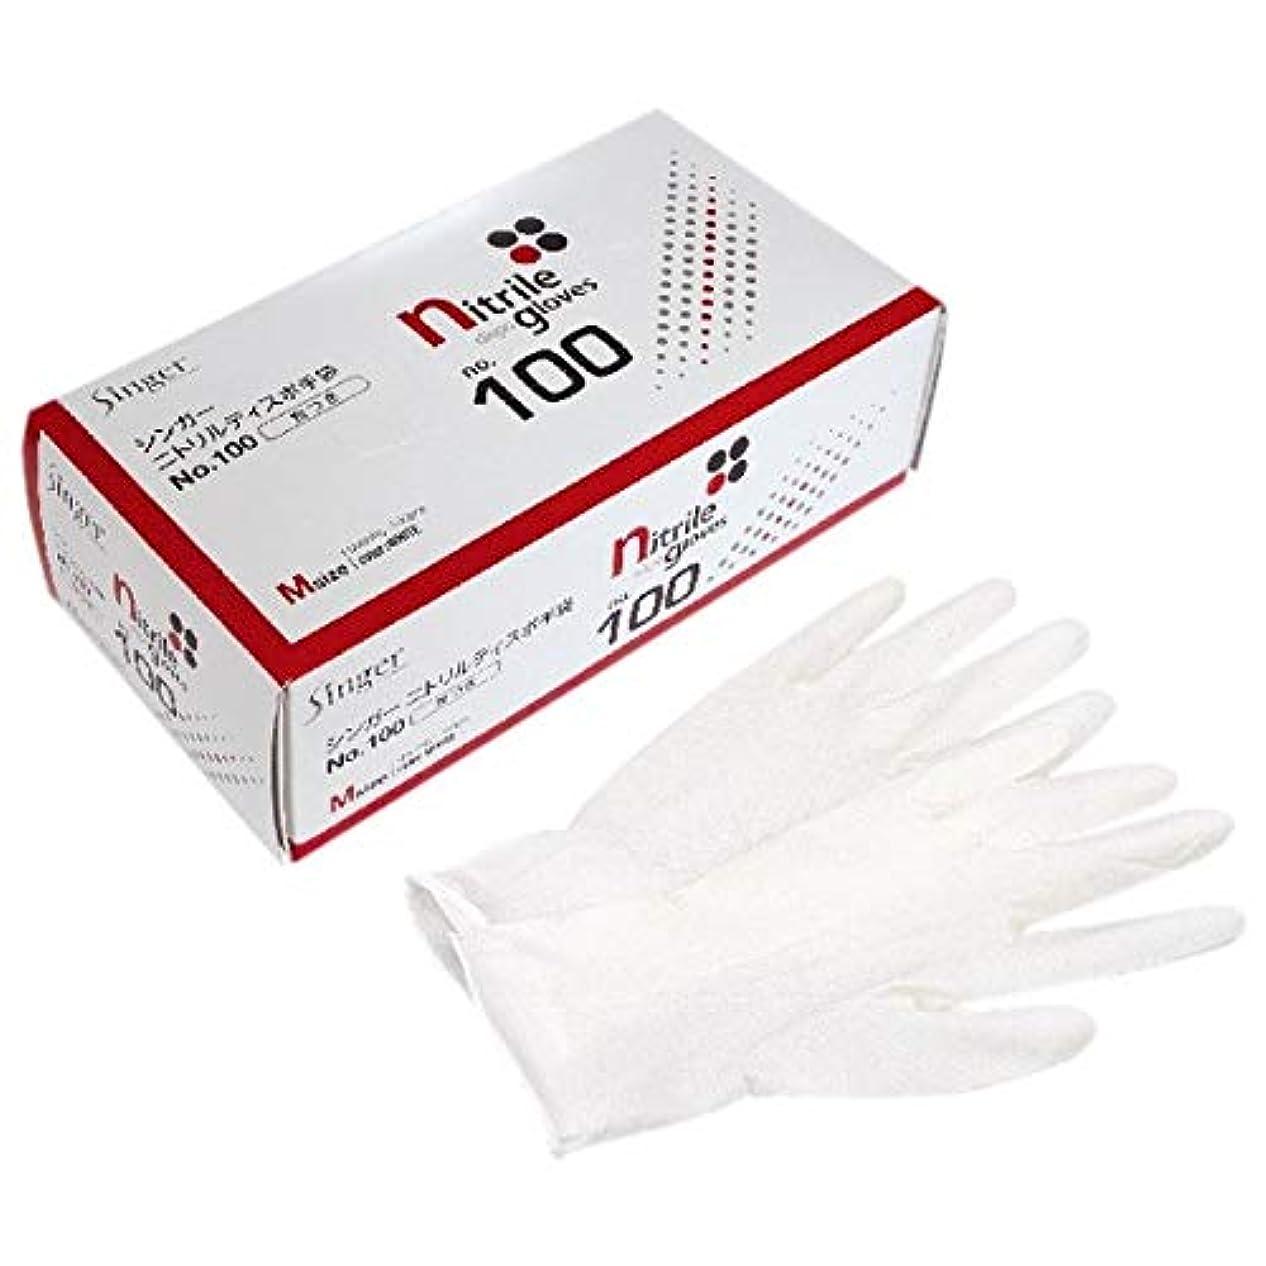 スプーン接触許容できるシンガーニトリルディスポ手袋 No.100 ホワイト 粉付(100枚) M